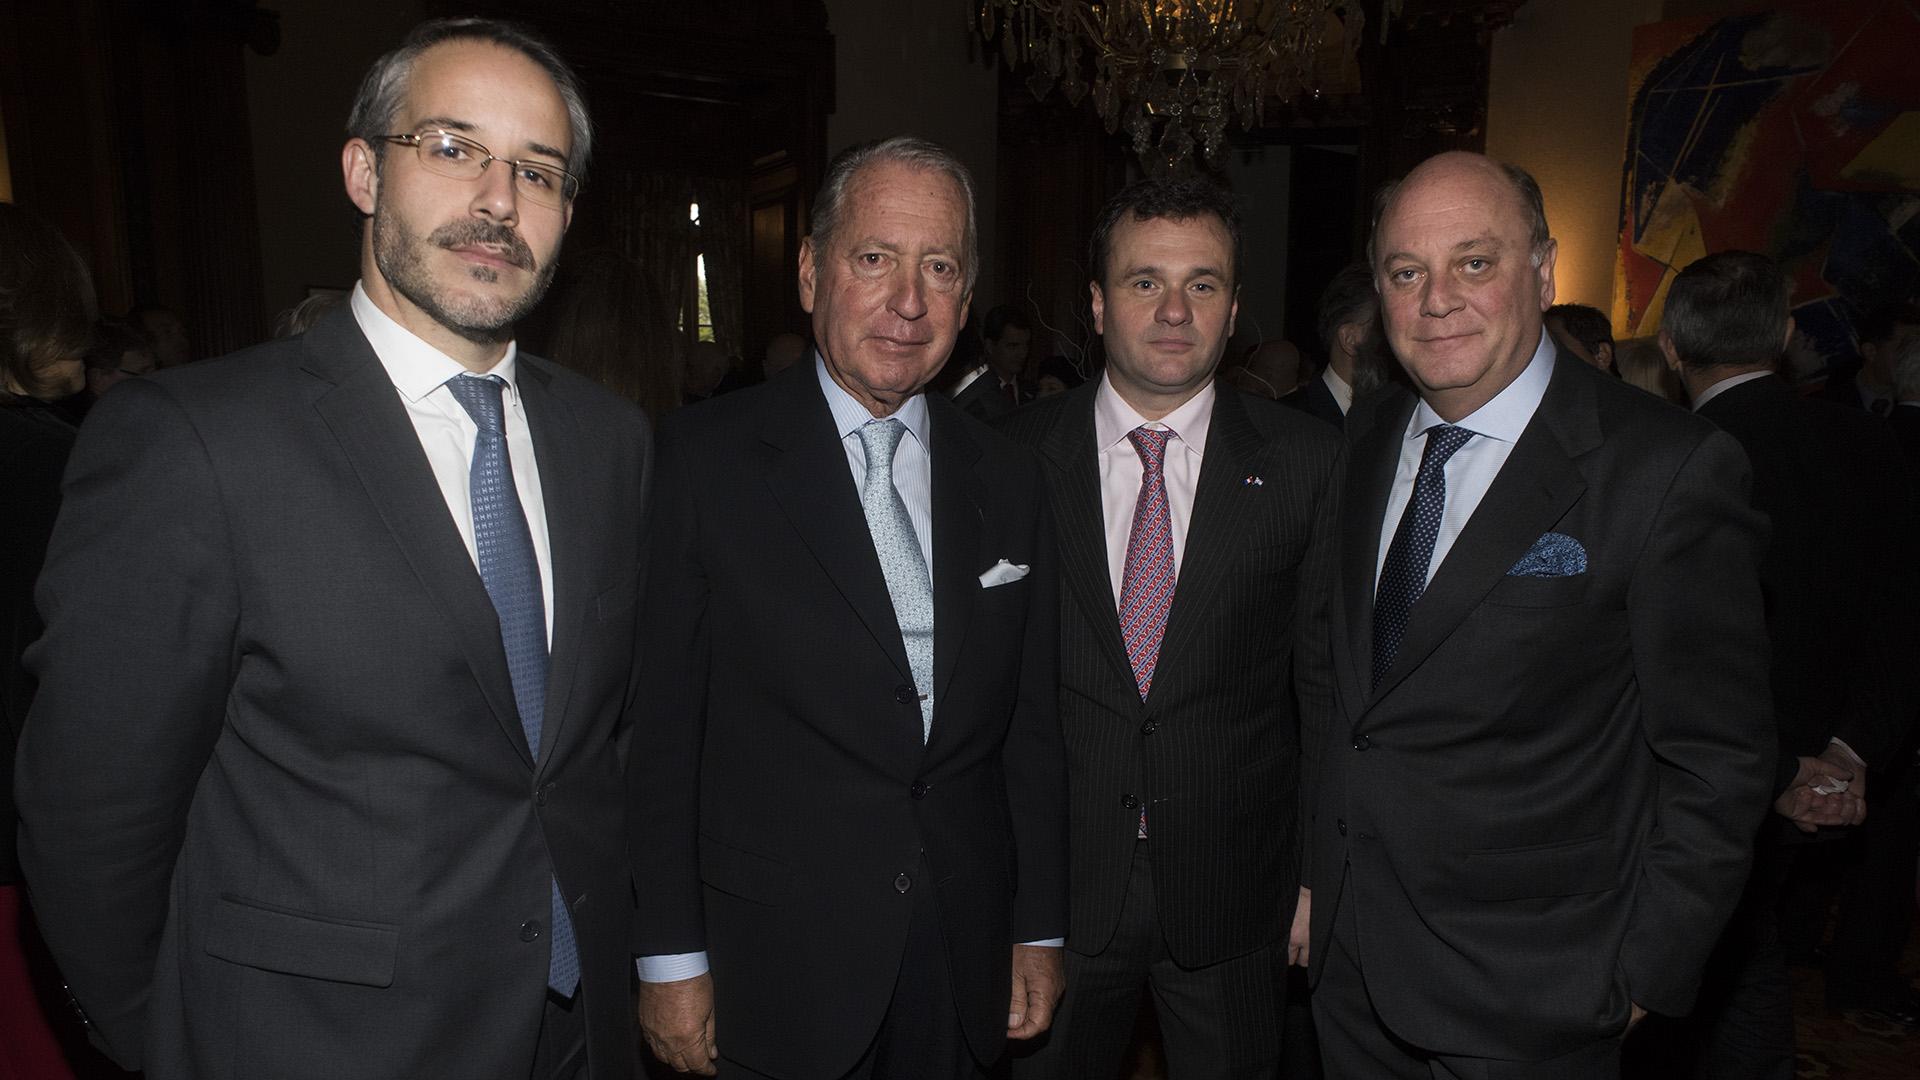 Rodrigo Pérez Graziano, director de PSA Citröen Peugeot, junto a Daniel Funes de Rioja, Juan Pablo Maglier y Martín Cabrales